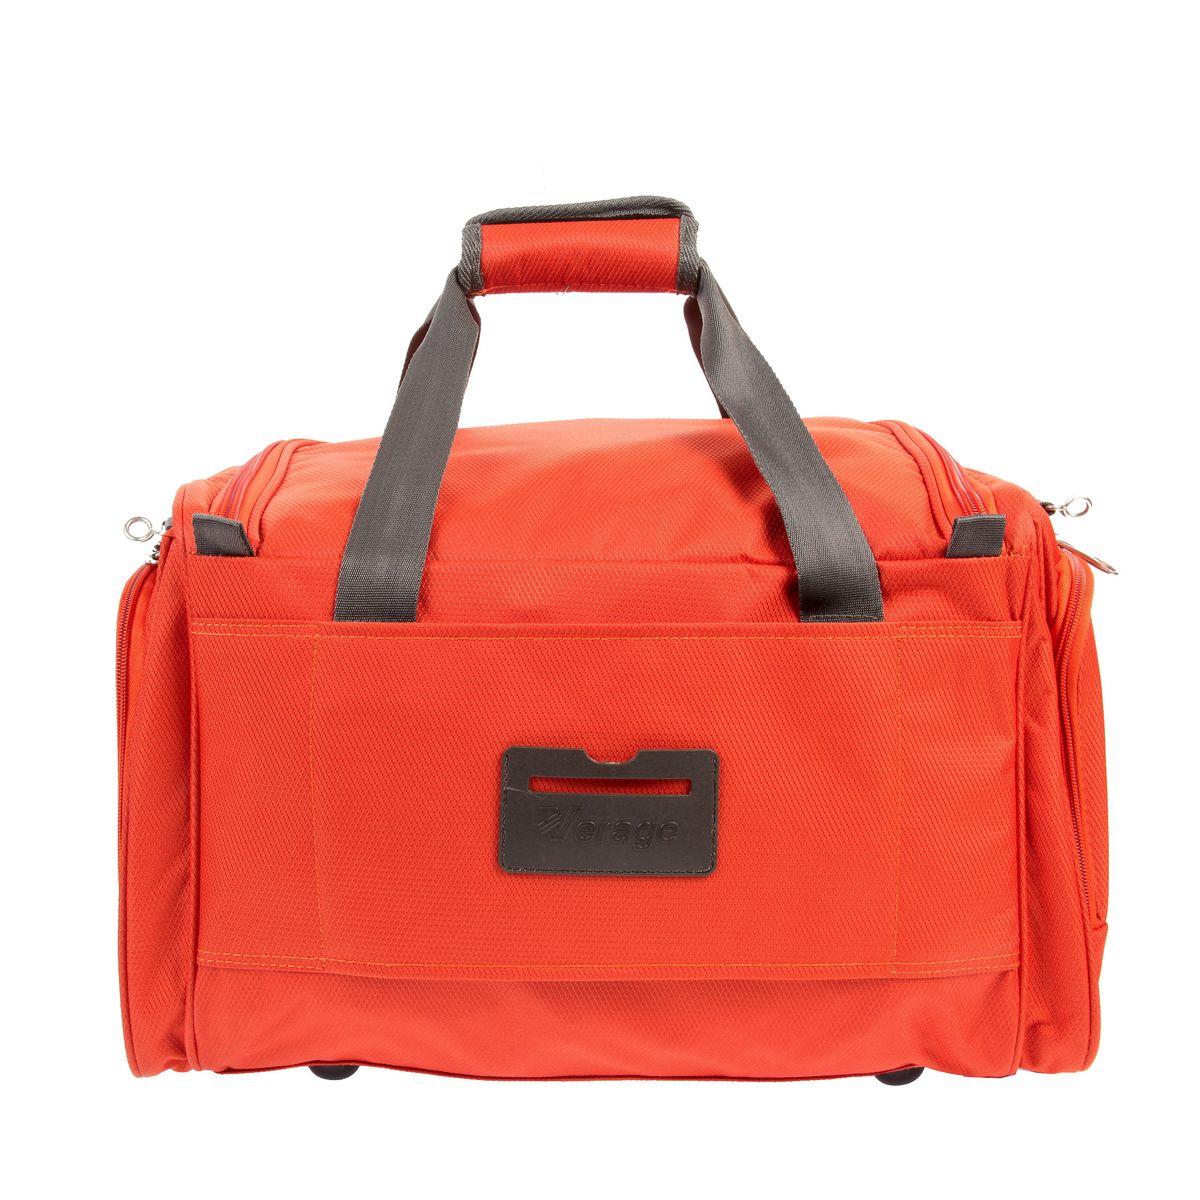 Сумка Verage, цвет: оранжевый, 40 л. GM12091-A-4 16GM12091-A-4 16 orangeСумка Verage отлично подойдет для полетов. Выполнена из прочного полиэстера. Имеет 1 основное отделение, которое закрывается на двустороннюю молнию. Внутри расположен один большой отдел. На задней стенке крепление на ручку чемодана. На передней стенке карман на застежке-молнии. По бокам также расположено 2 кармана на застежке-молнии. Сумка оснащена съемным регулируемым плечевым ремнем и ручками для удобной переноски. На дне 4 ножки. В комплекте замочек с ключом.